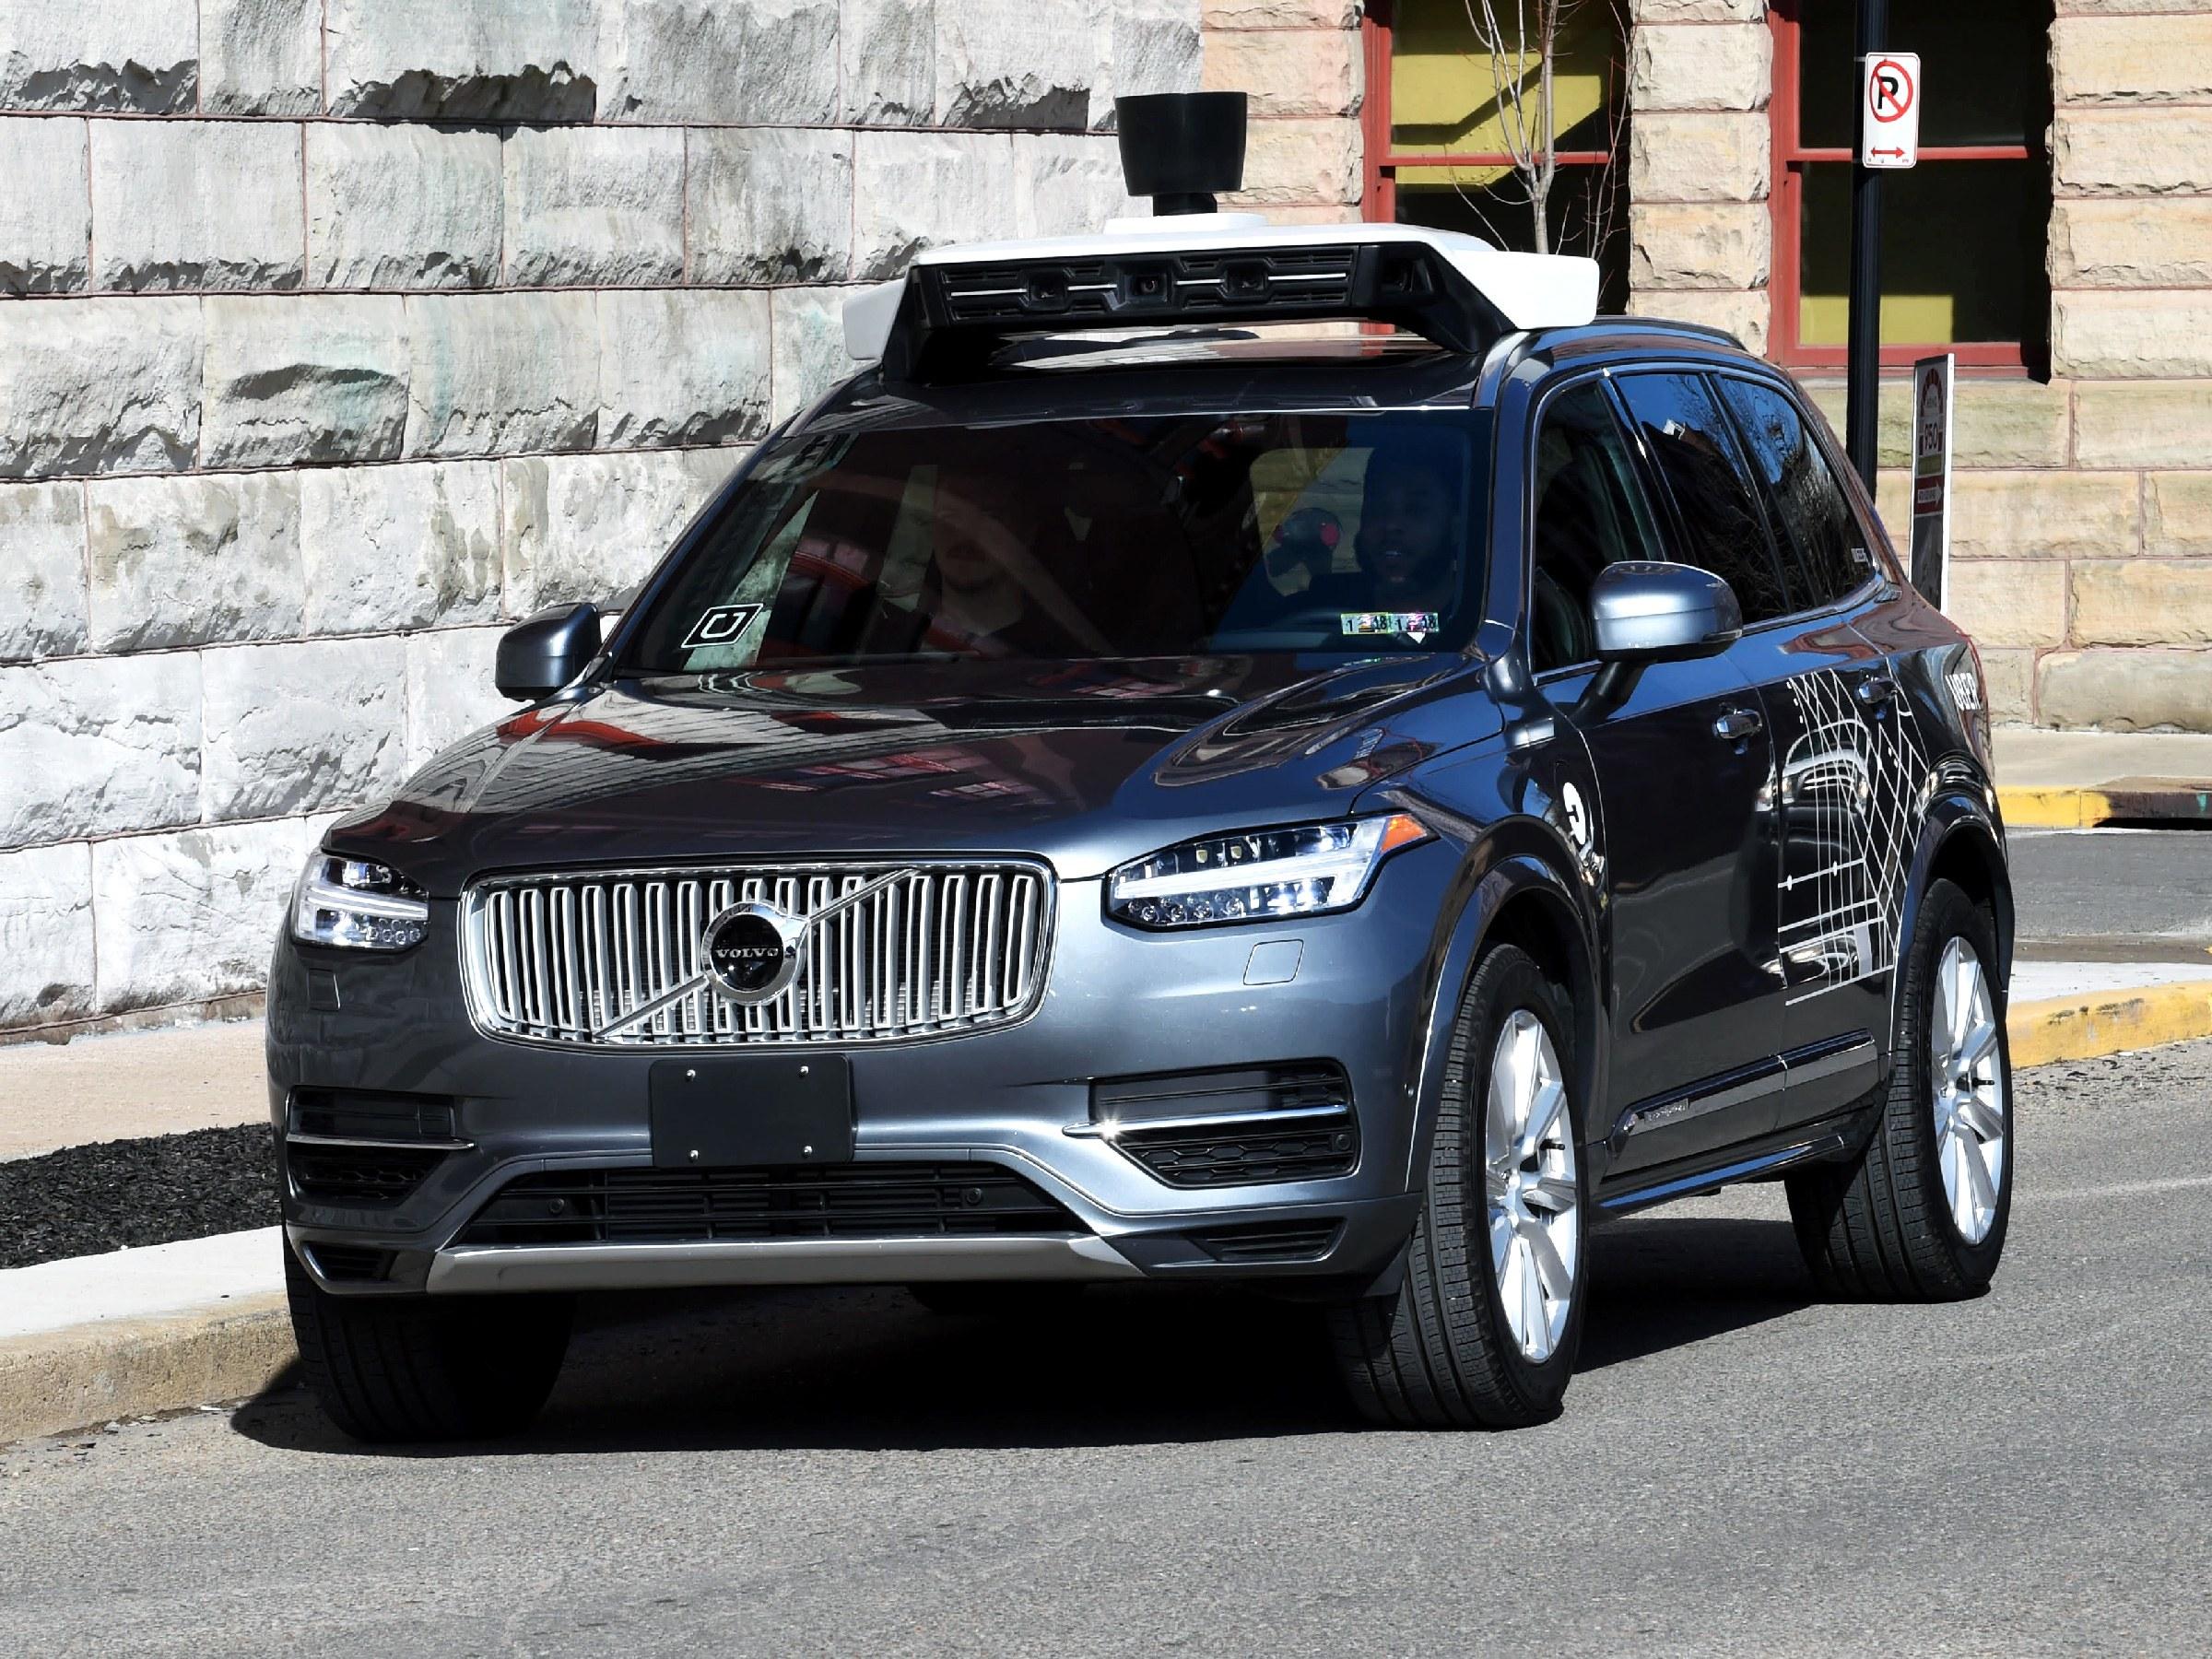 видео смертельной аварии с беспилотником Uber